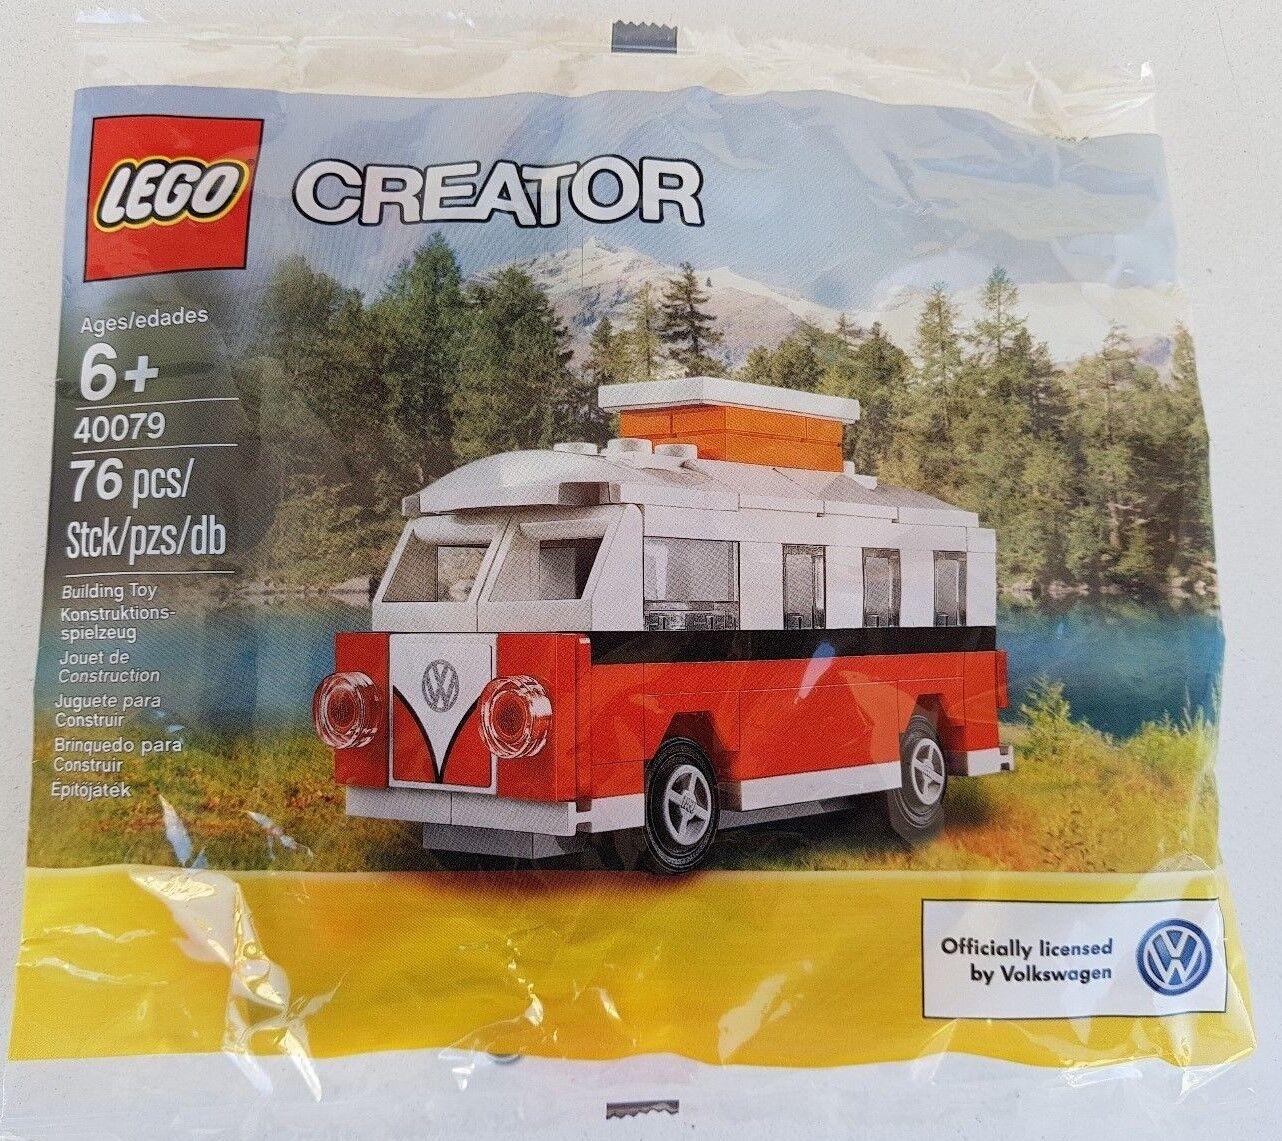 LEGO ® Creator 40079 Mini VW populaire Balances Voiture Camionnette t1 Camper Bus polybag NEUF neuf dans sa boîte